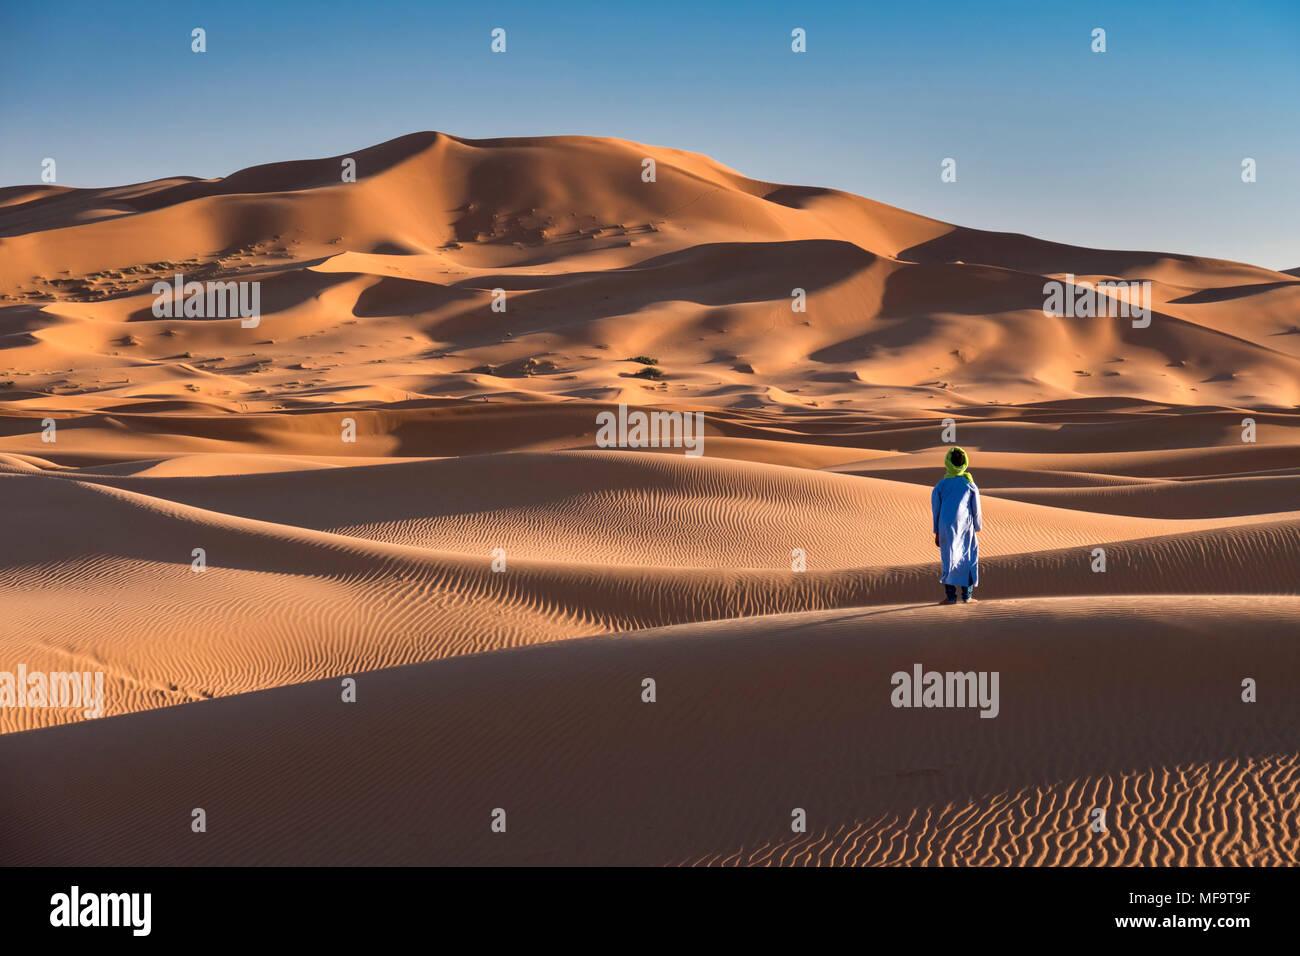 Ein Berber Mann steht am Rande der Sahara, Erg Chebbi, in der Nähe von Fes, Marokko MODEL RELEASED Stockbild